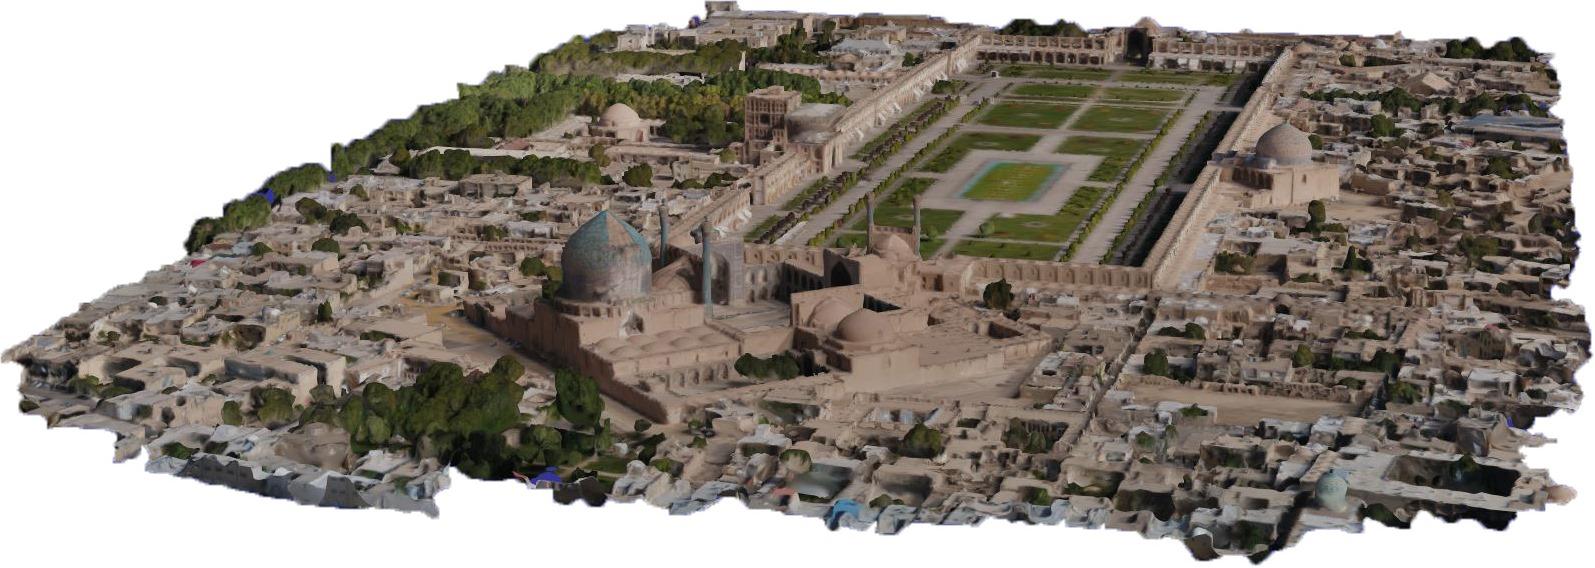 مدل سازی سه بعدی - اصفهان 4